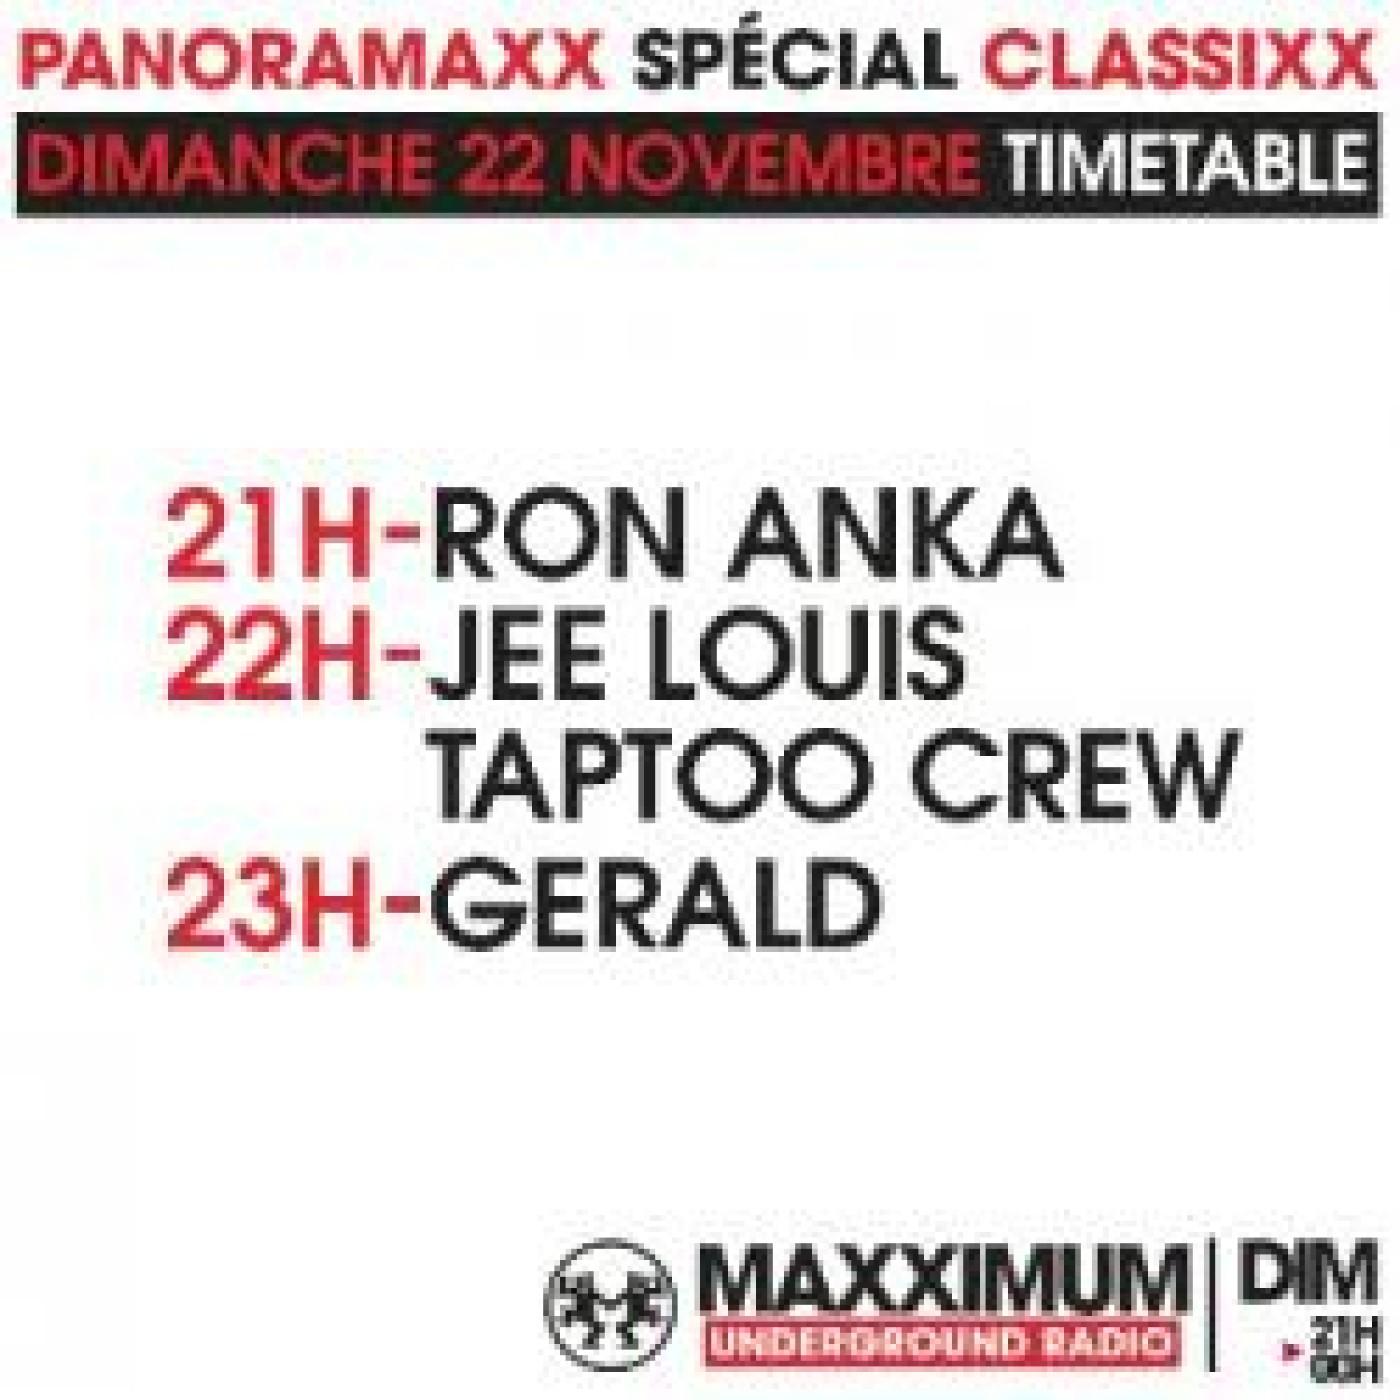 PANORAMAXX CLASSIXX : RON ANKA